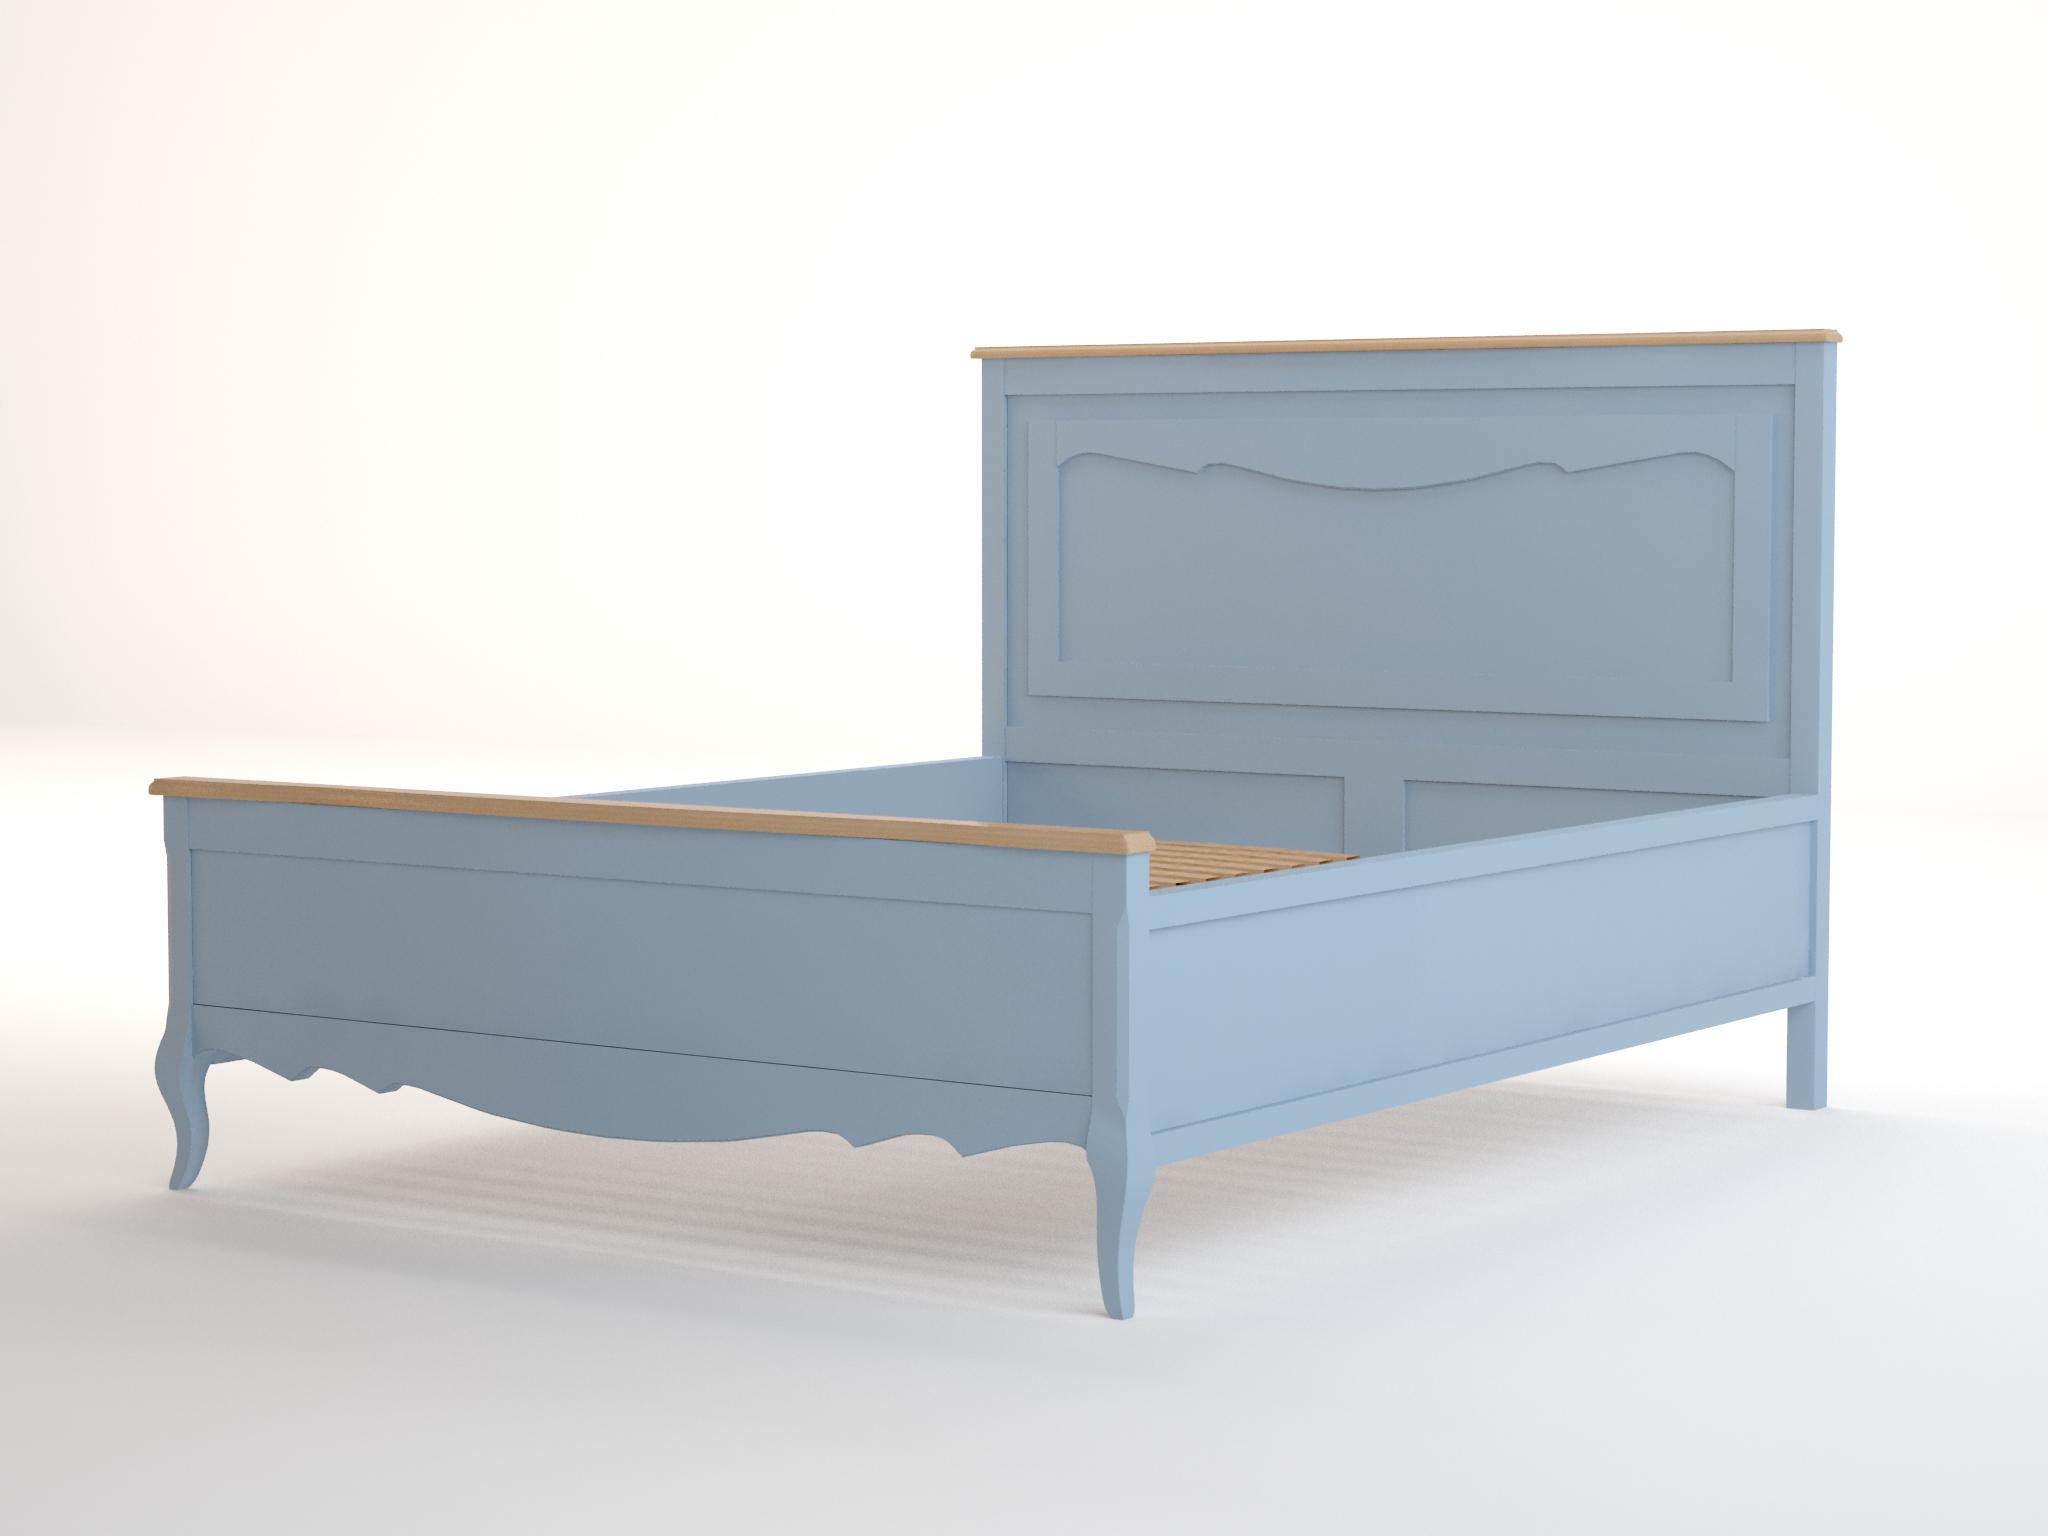 Двуспальные кровать LeontinaДеревянные кровати<br>Размер матраса: 160х200 см<br><br>Material: Береза<br>Width см: 160<br>Depth см: 200<br>Height см: 120